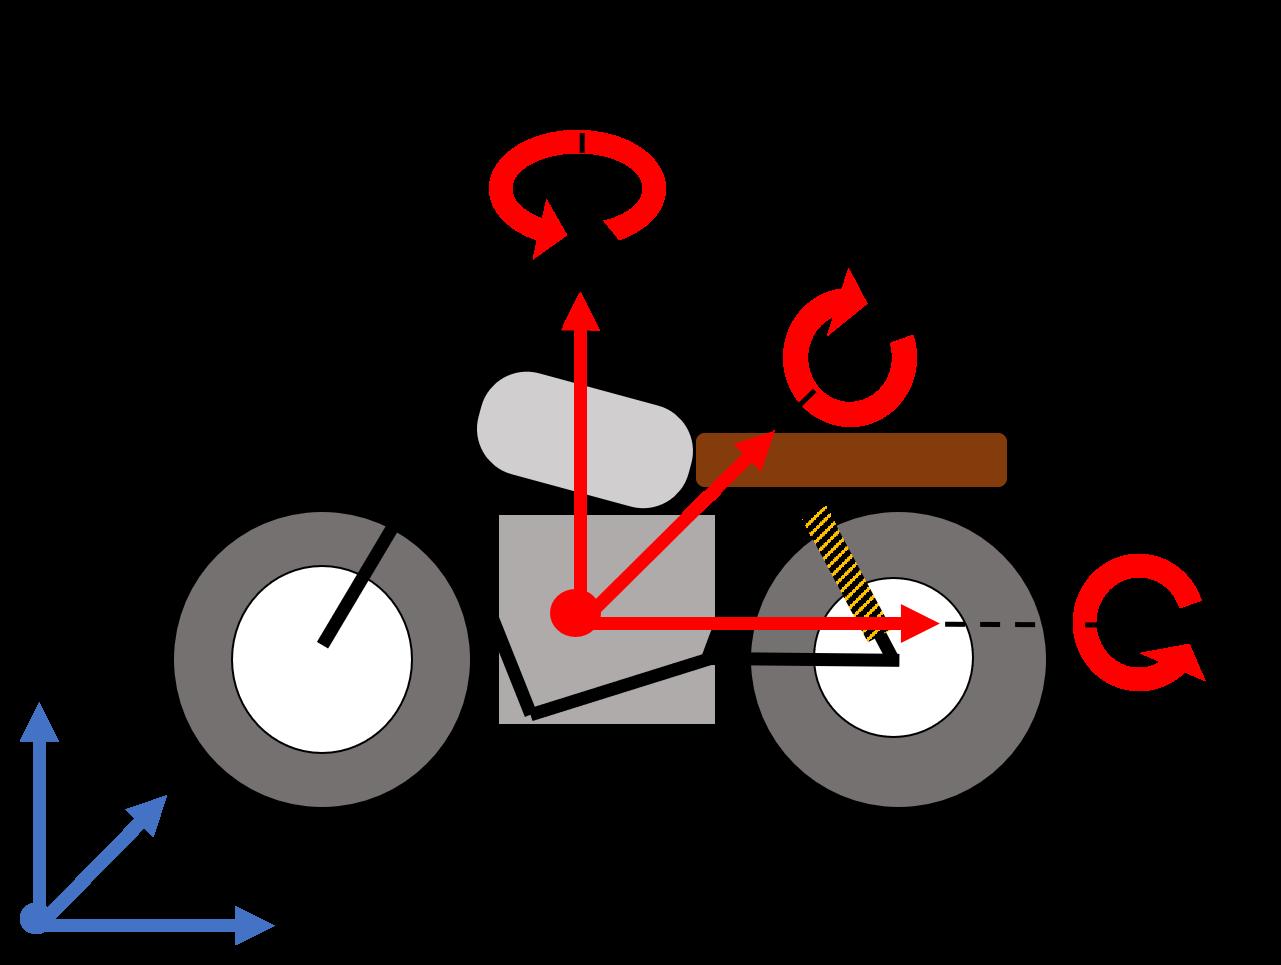 shema illustration degres de liberte potentiels moto